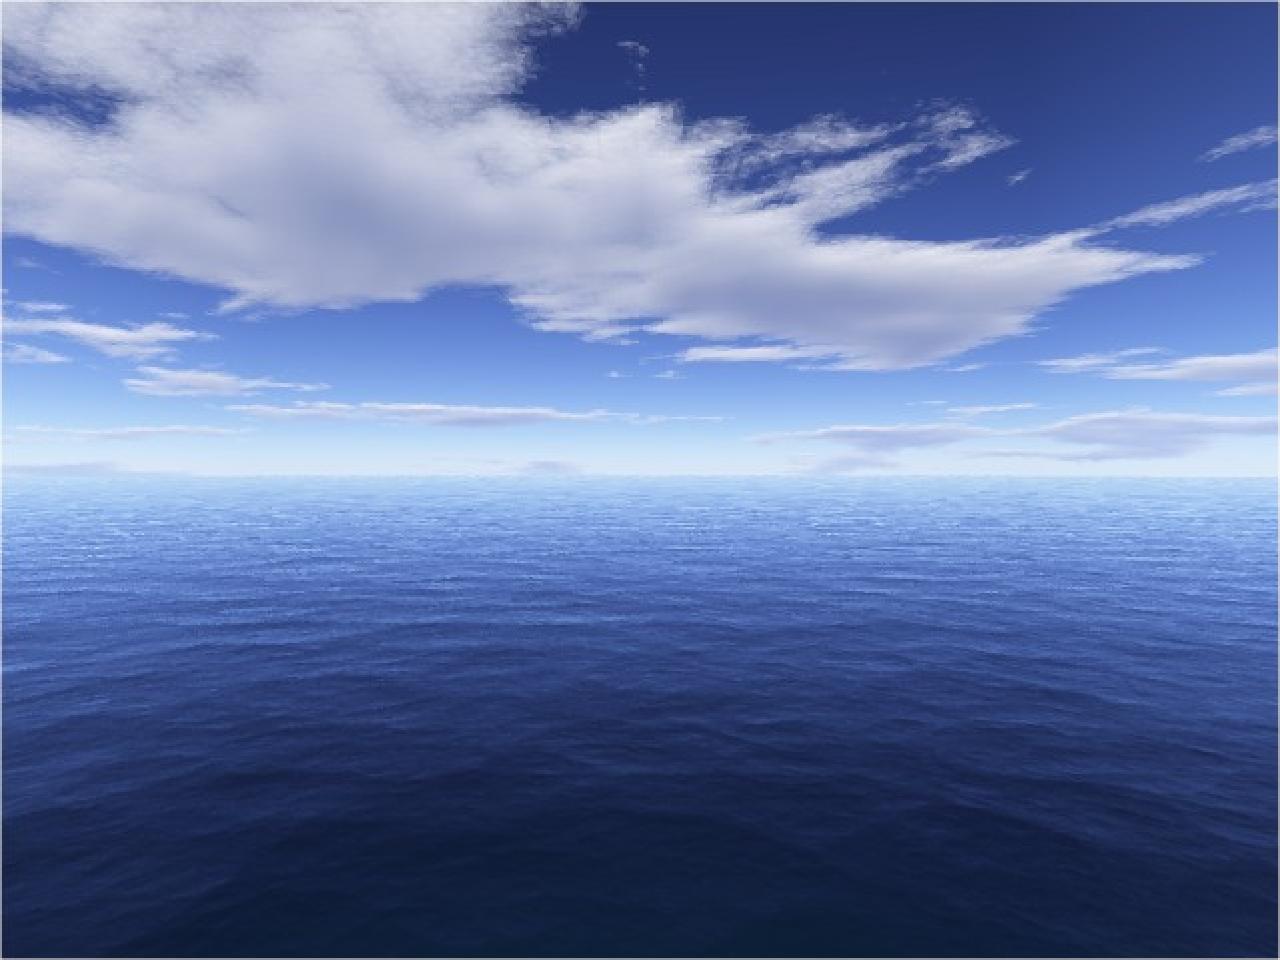 All photos gallery: Blue sky ocean, sky blue ocean media ...